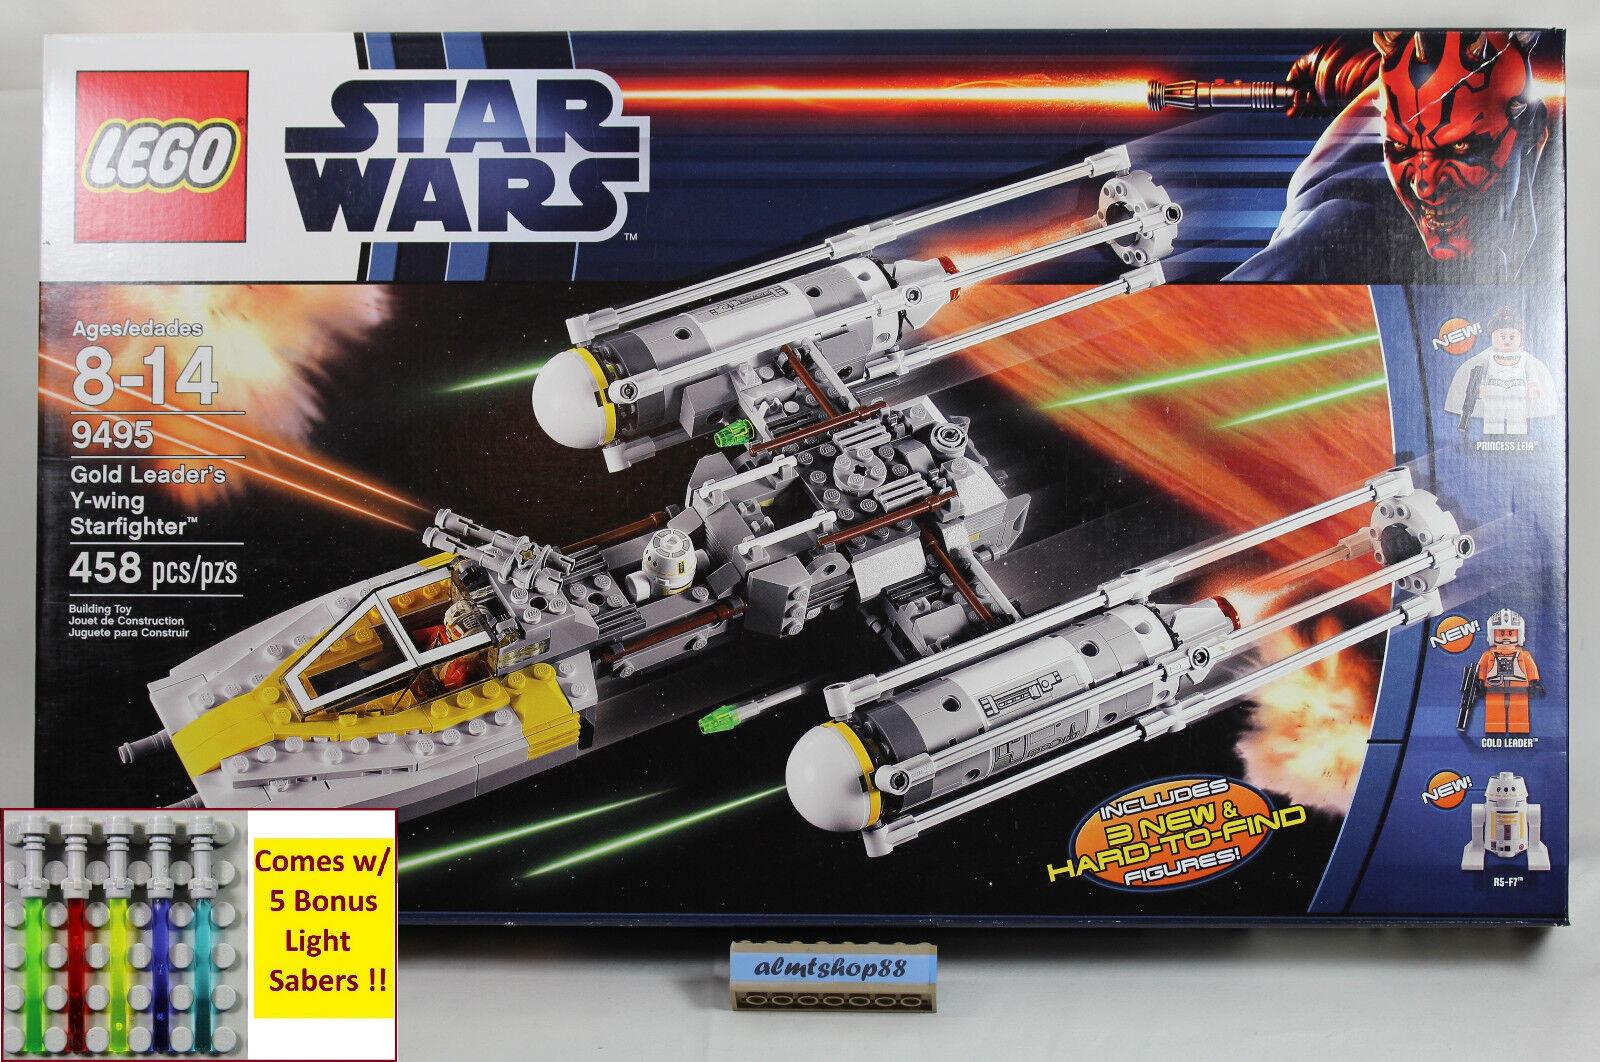 LEGO Star Wars - 9495 oro Leader's Y-Wing Starfigher NISB R5-F7 Leia Minifigure